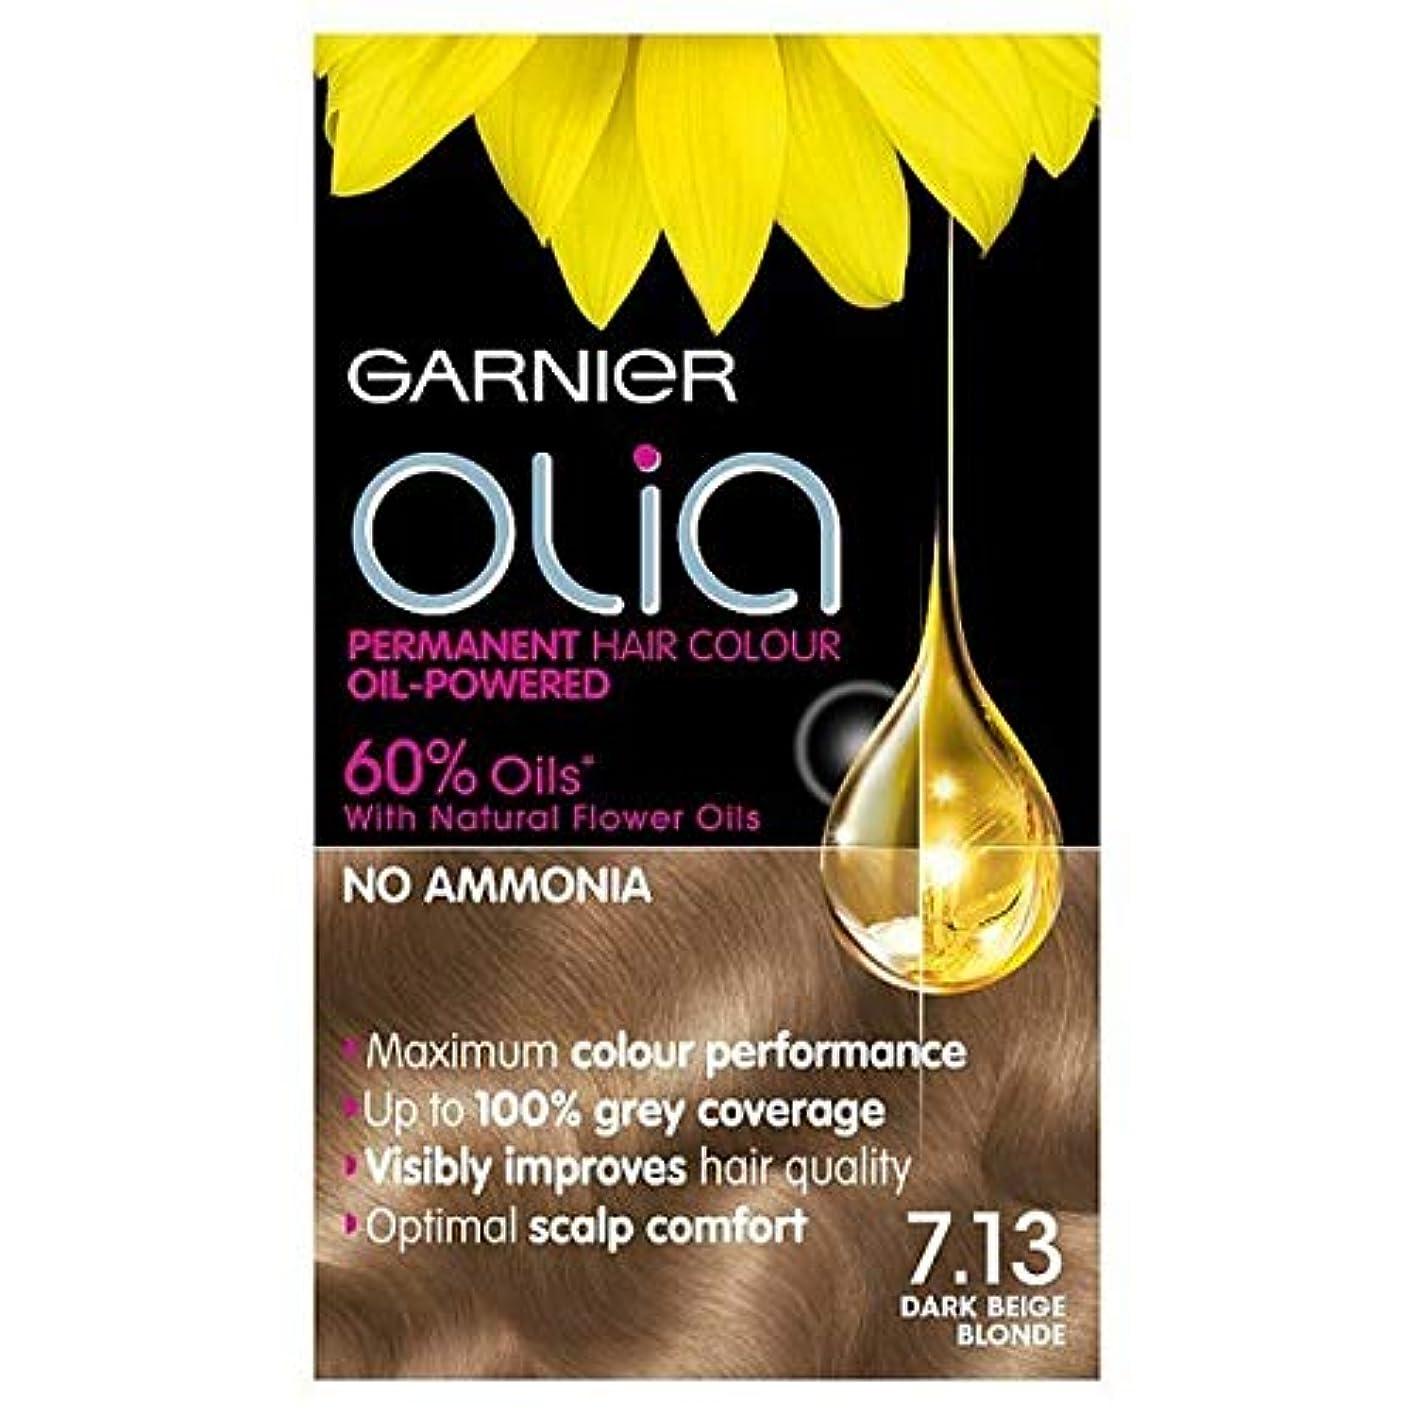 望ましい賃金盲信[Garnier ] 7.13ダークベージュブロンドガルニエOliaパーマネントヘアダイ - Garnier Olia Permanent Hair Dye Dark Beige Blonde 7.13 [並行輸入品]